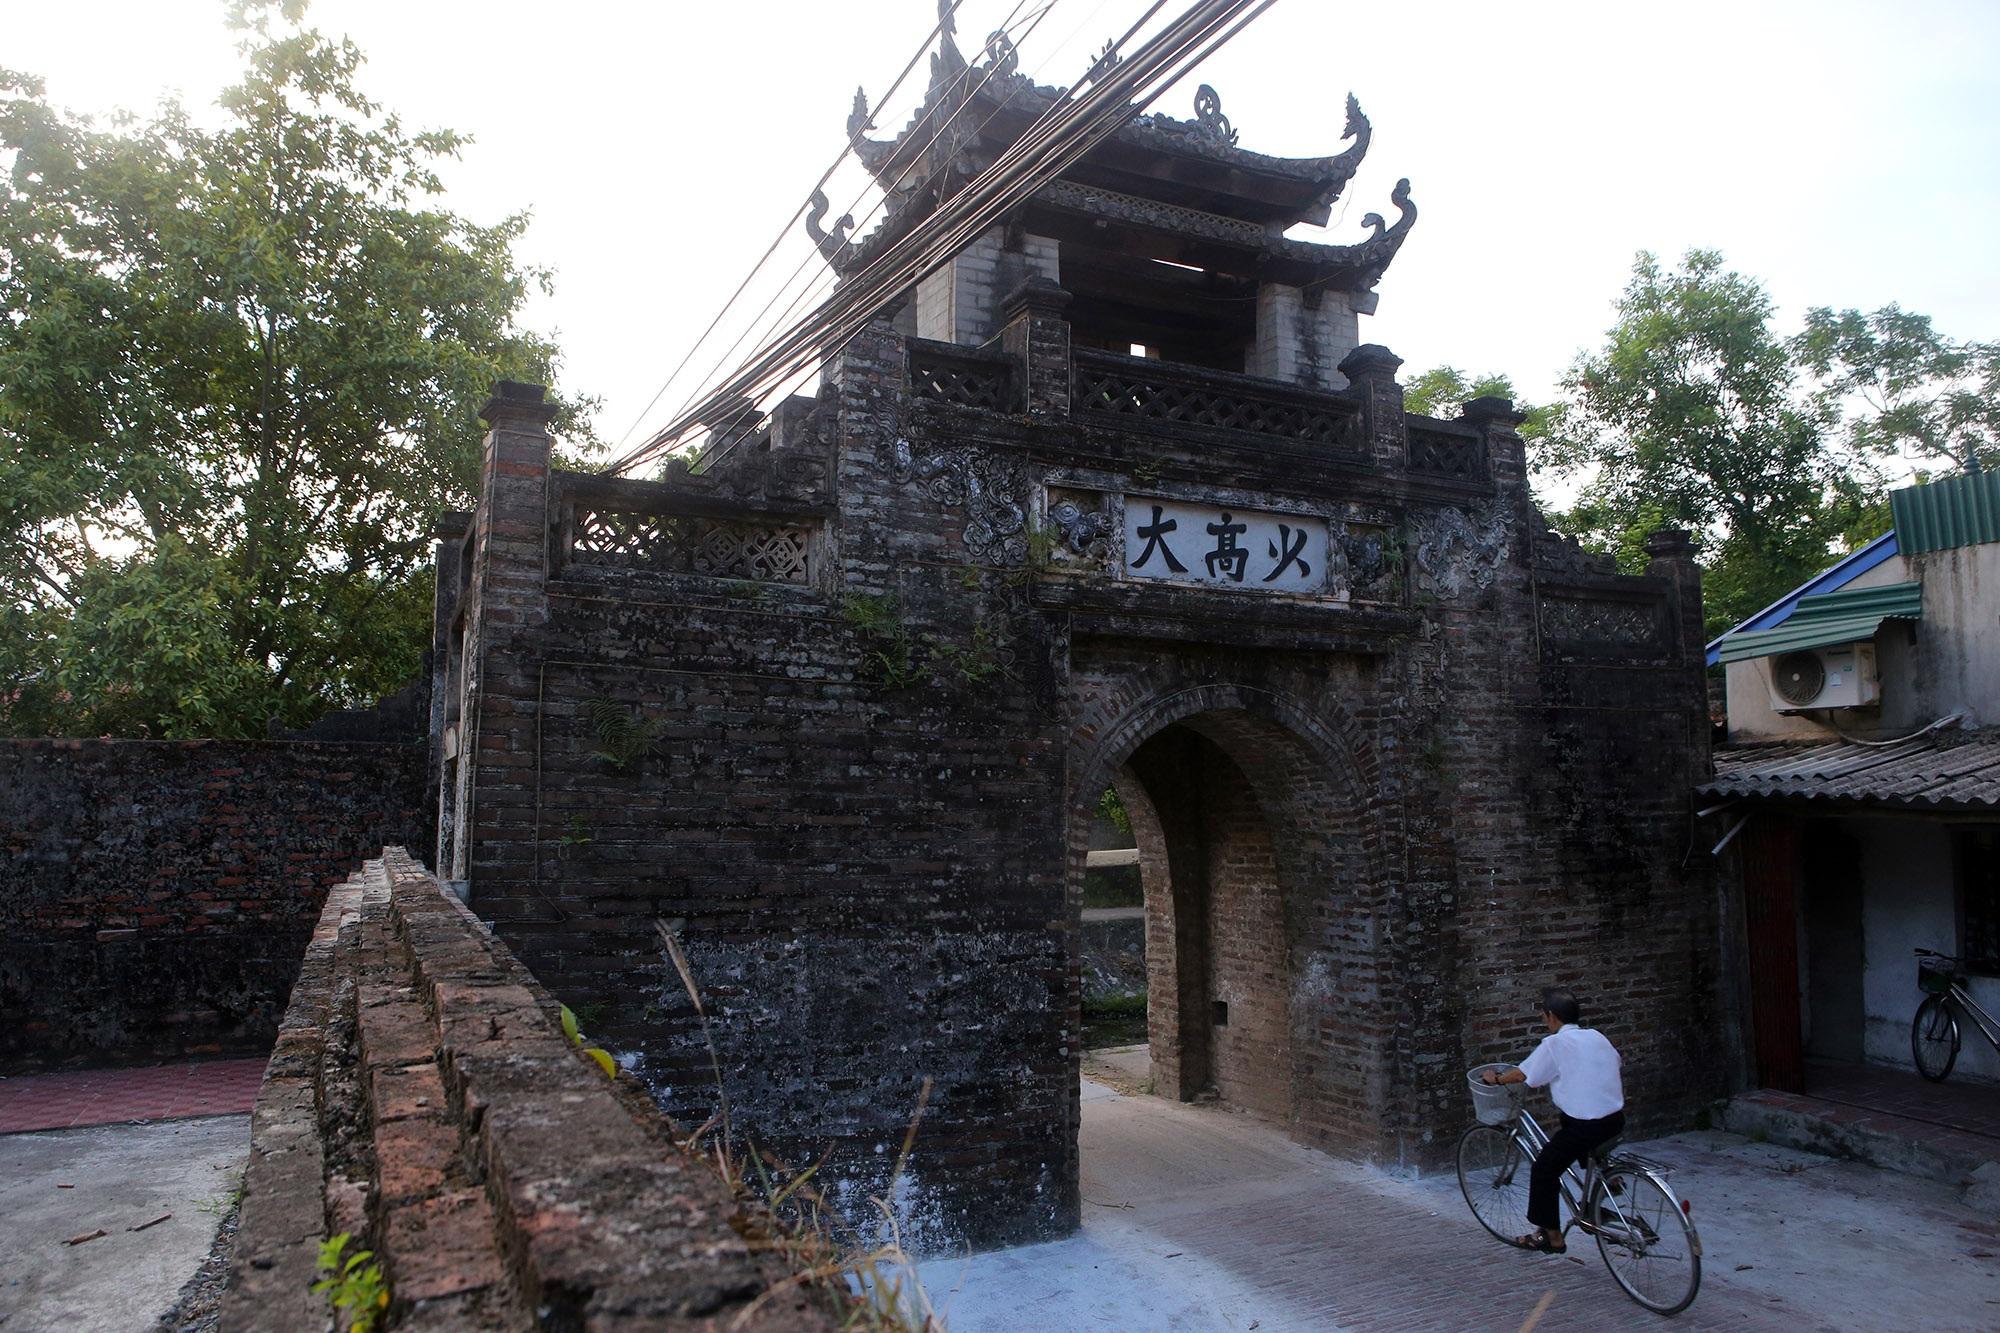 Khám phá vẻ đẹp của cổng làng đồ sộ trải qua 5 thế kỷ tại ngoại ô Hà Nội - 13